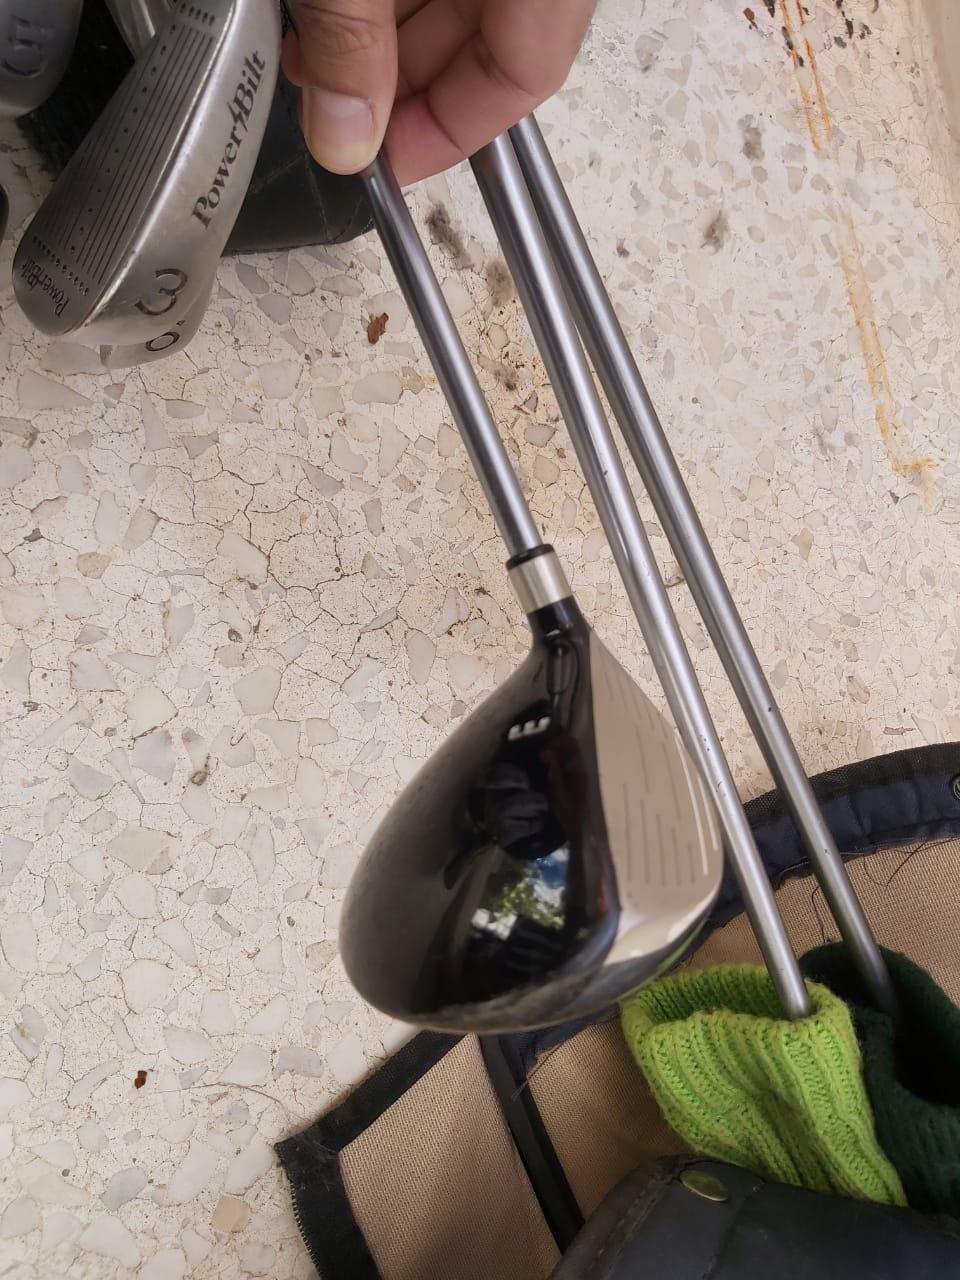 RH golf kit. Going cheap